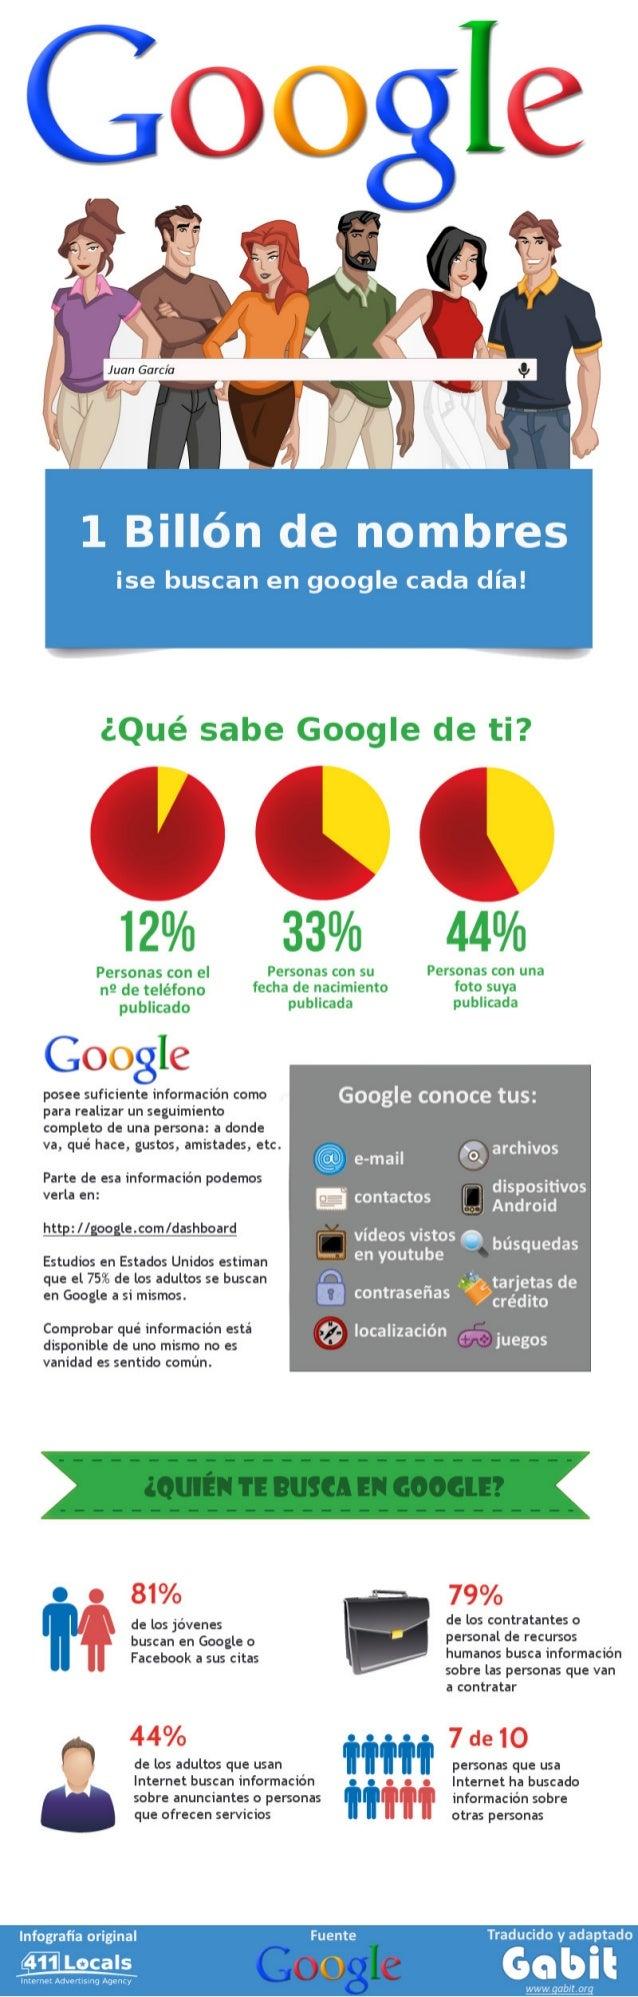 ¿Por qué debería buscarme a mi mismo en Google? (Infografía)